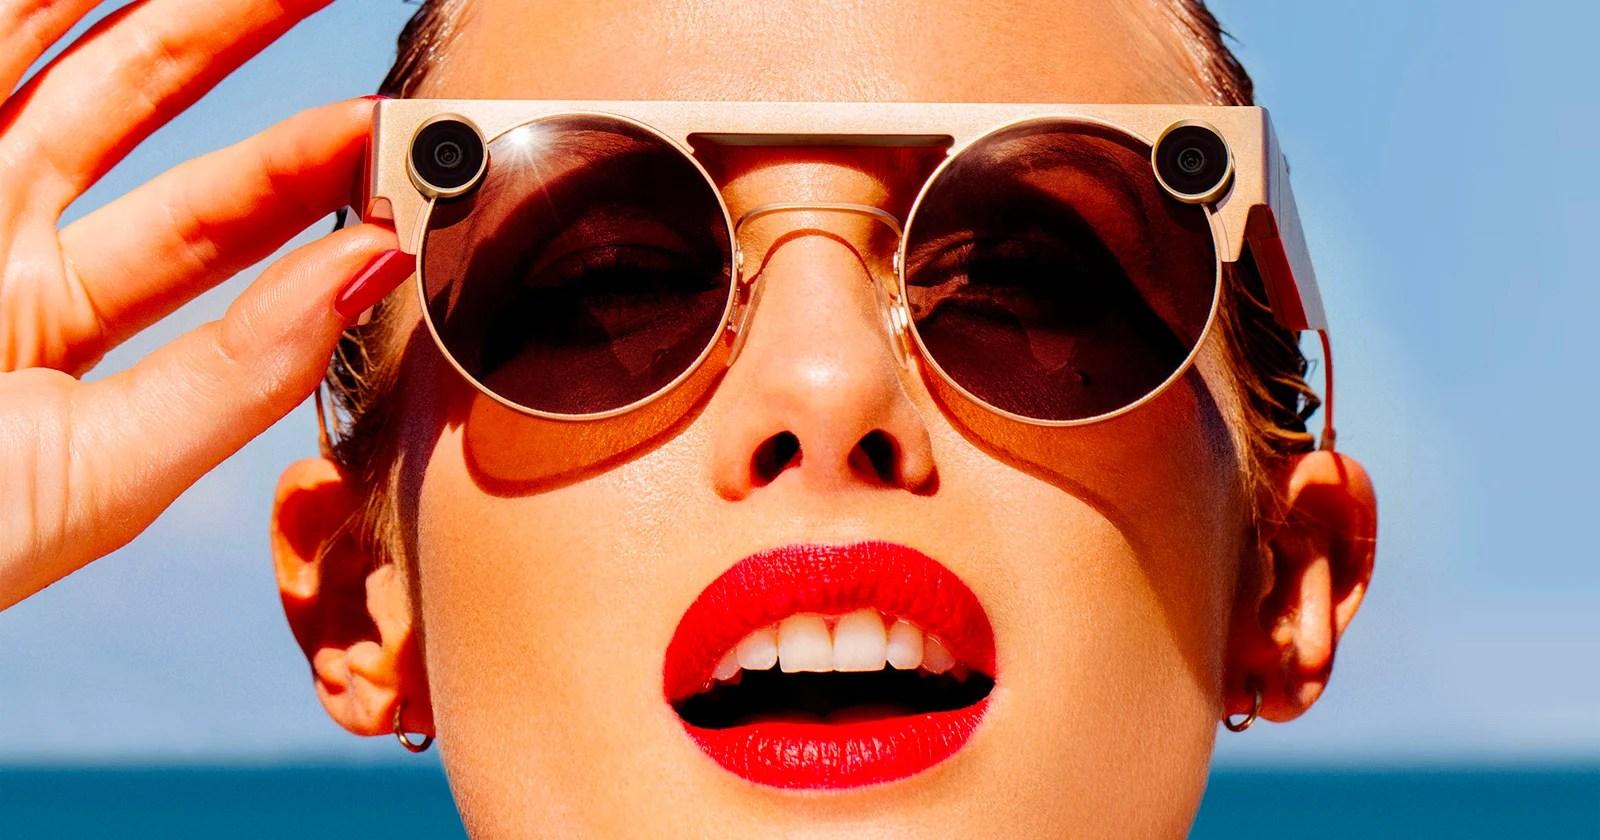 Snap sta lavorando su occhiali AR, Selfie Drone: Report